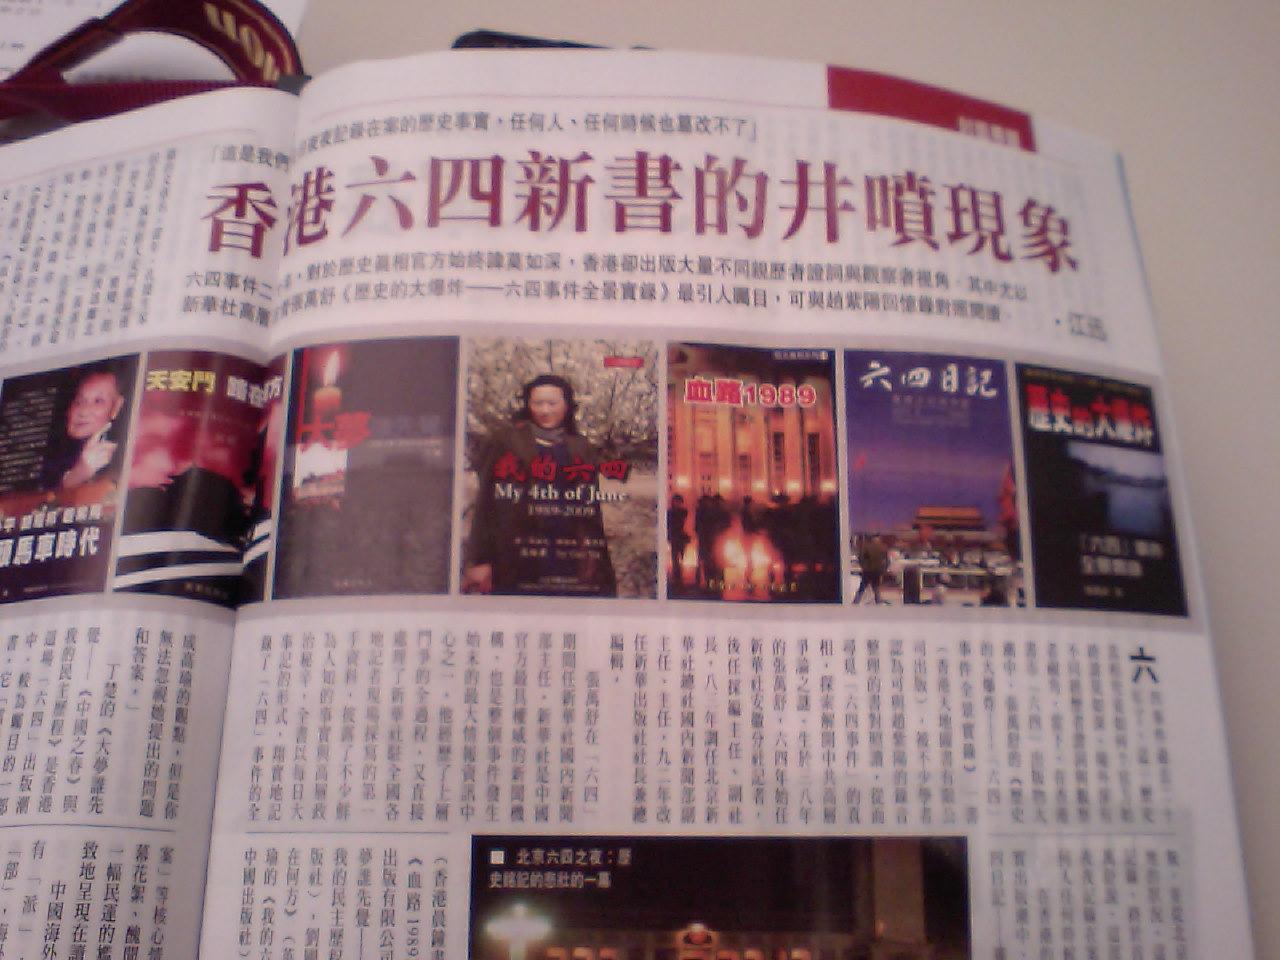 中国の香港で 天安門事件に関する新書が多く刊行された_d0027795_223999.jpg